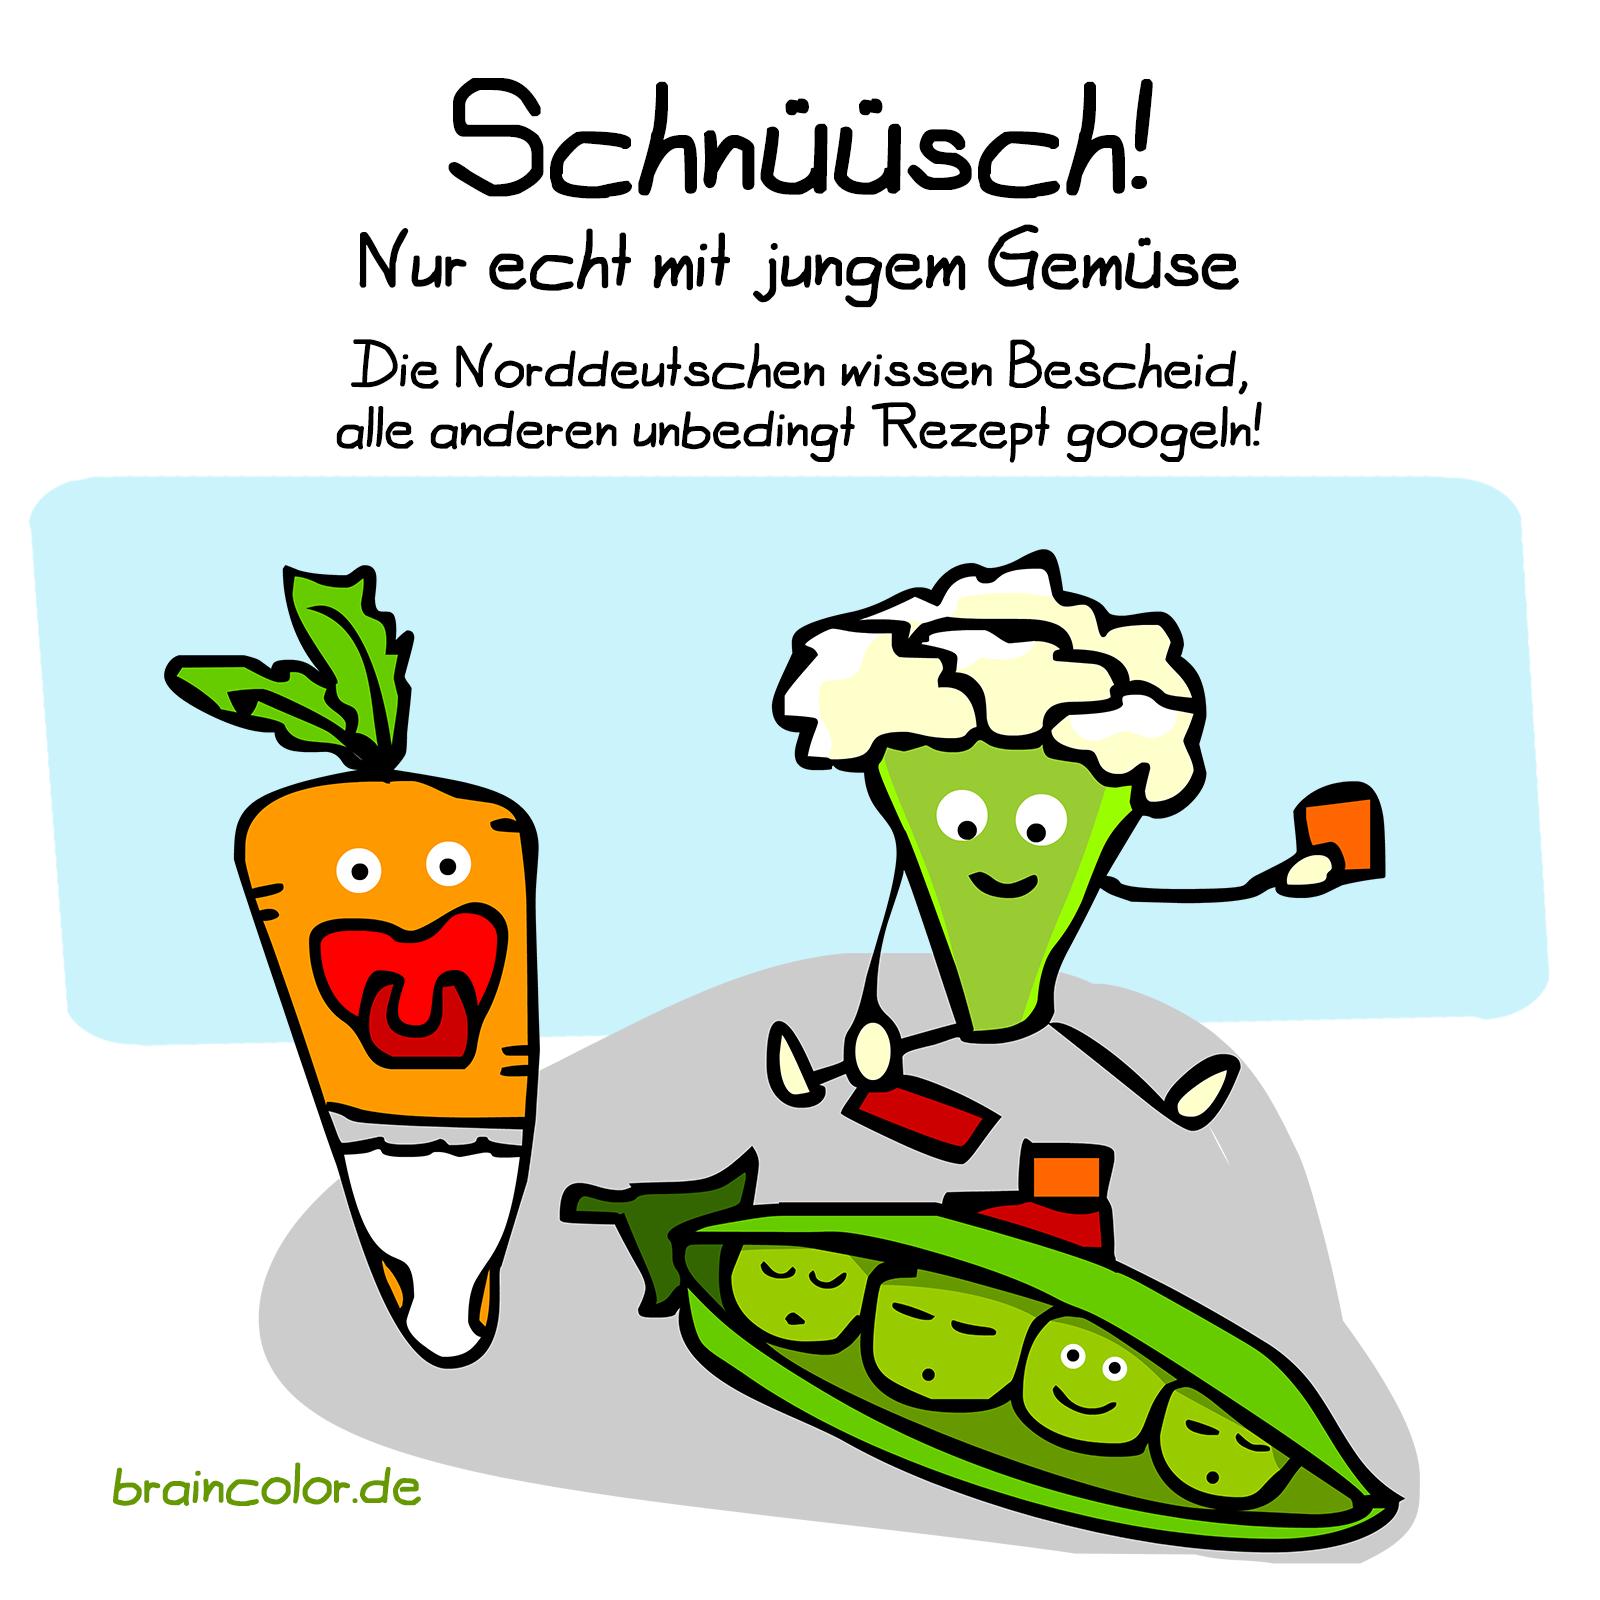 Junges Gemüse - Schnüsch